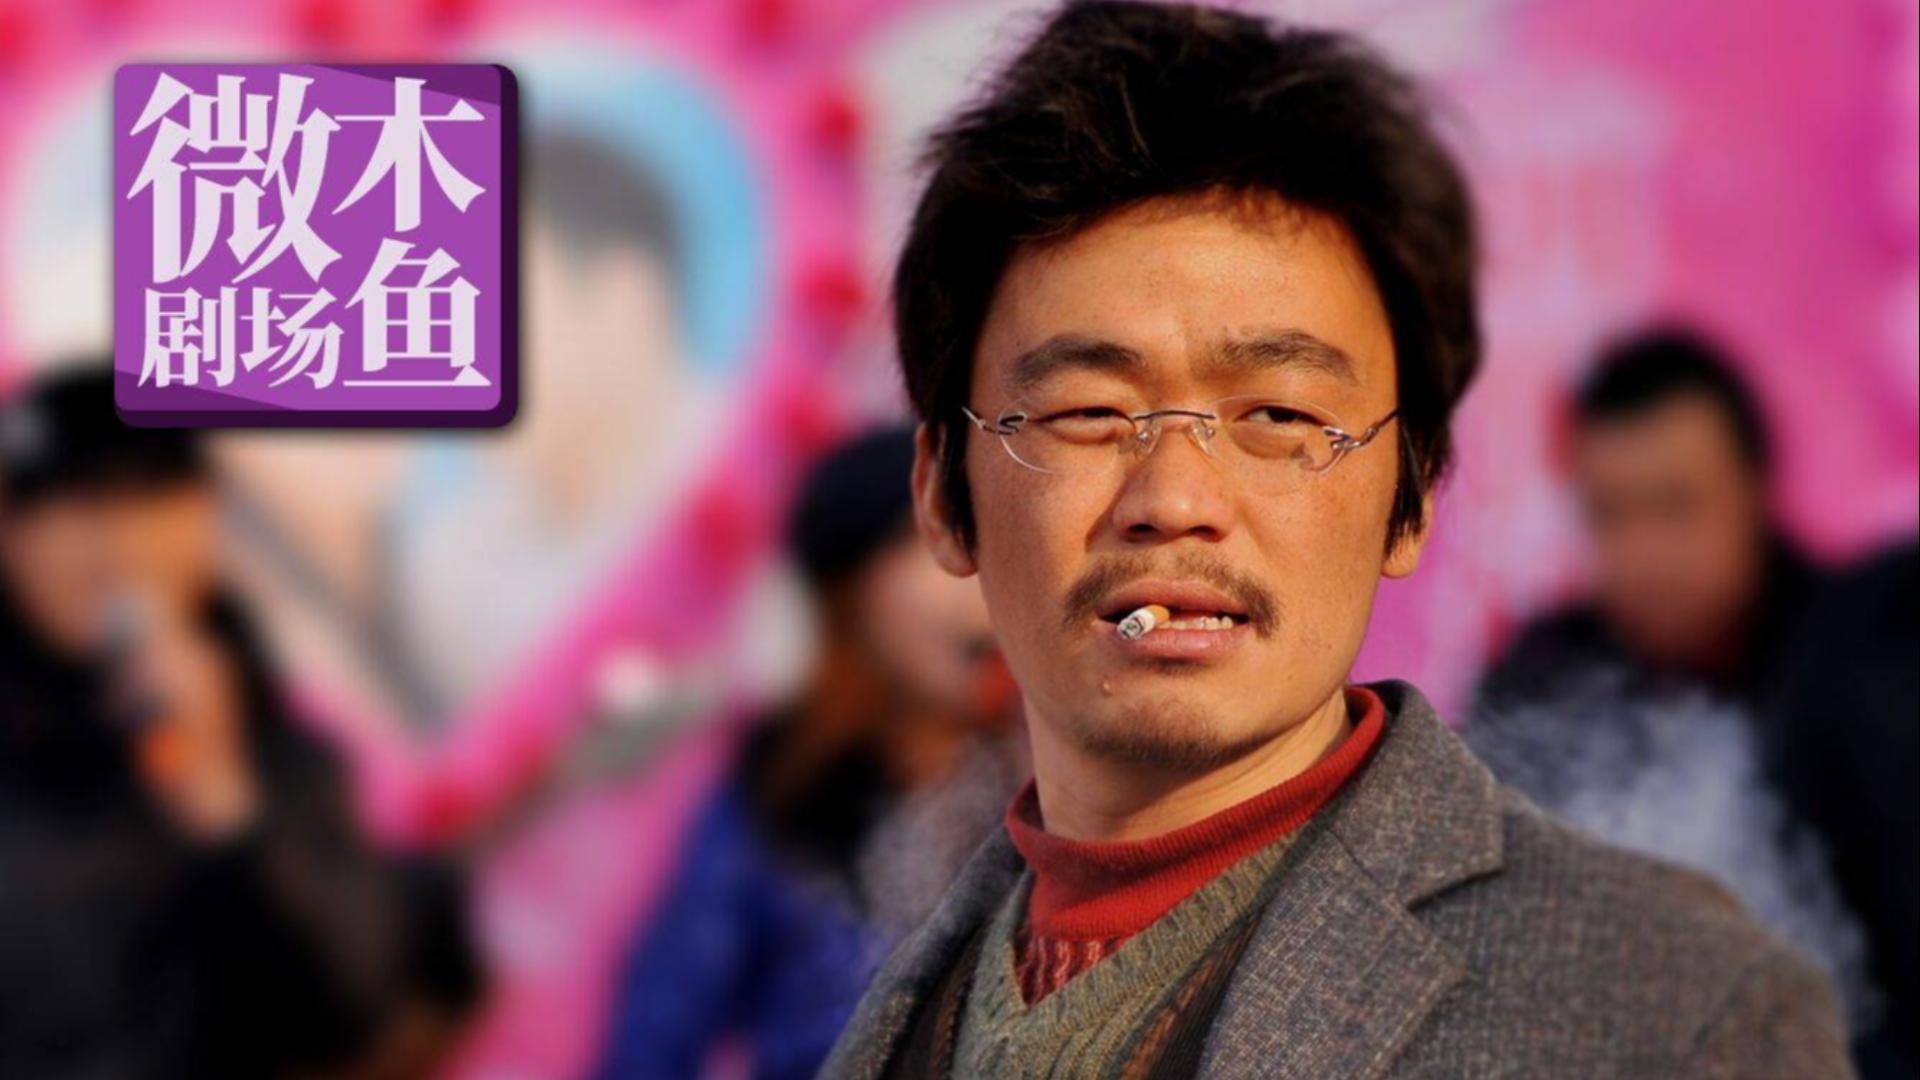 【木鱼微剧场】最被误读的国产佳作,99%的人都没看懂,《Hello!树先生》王宝强演技巅峰